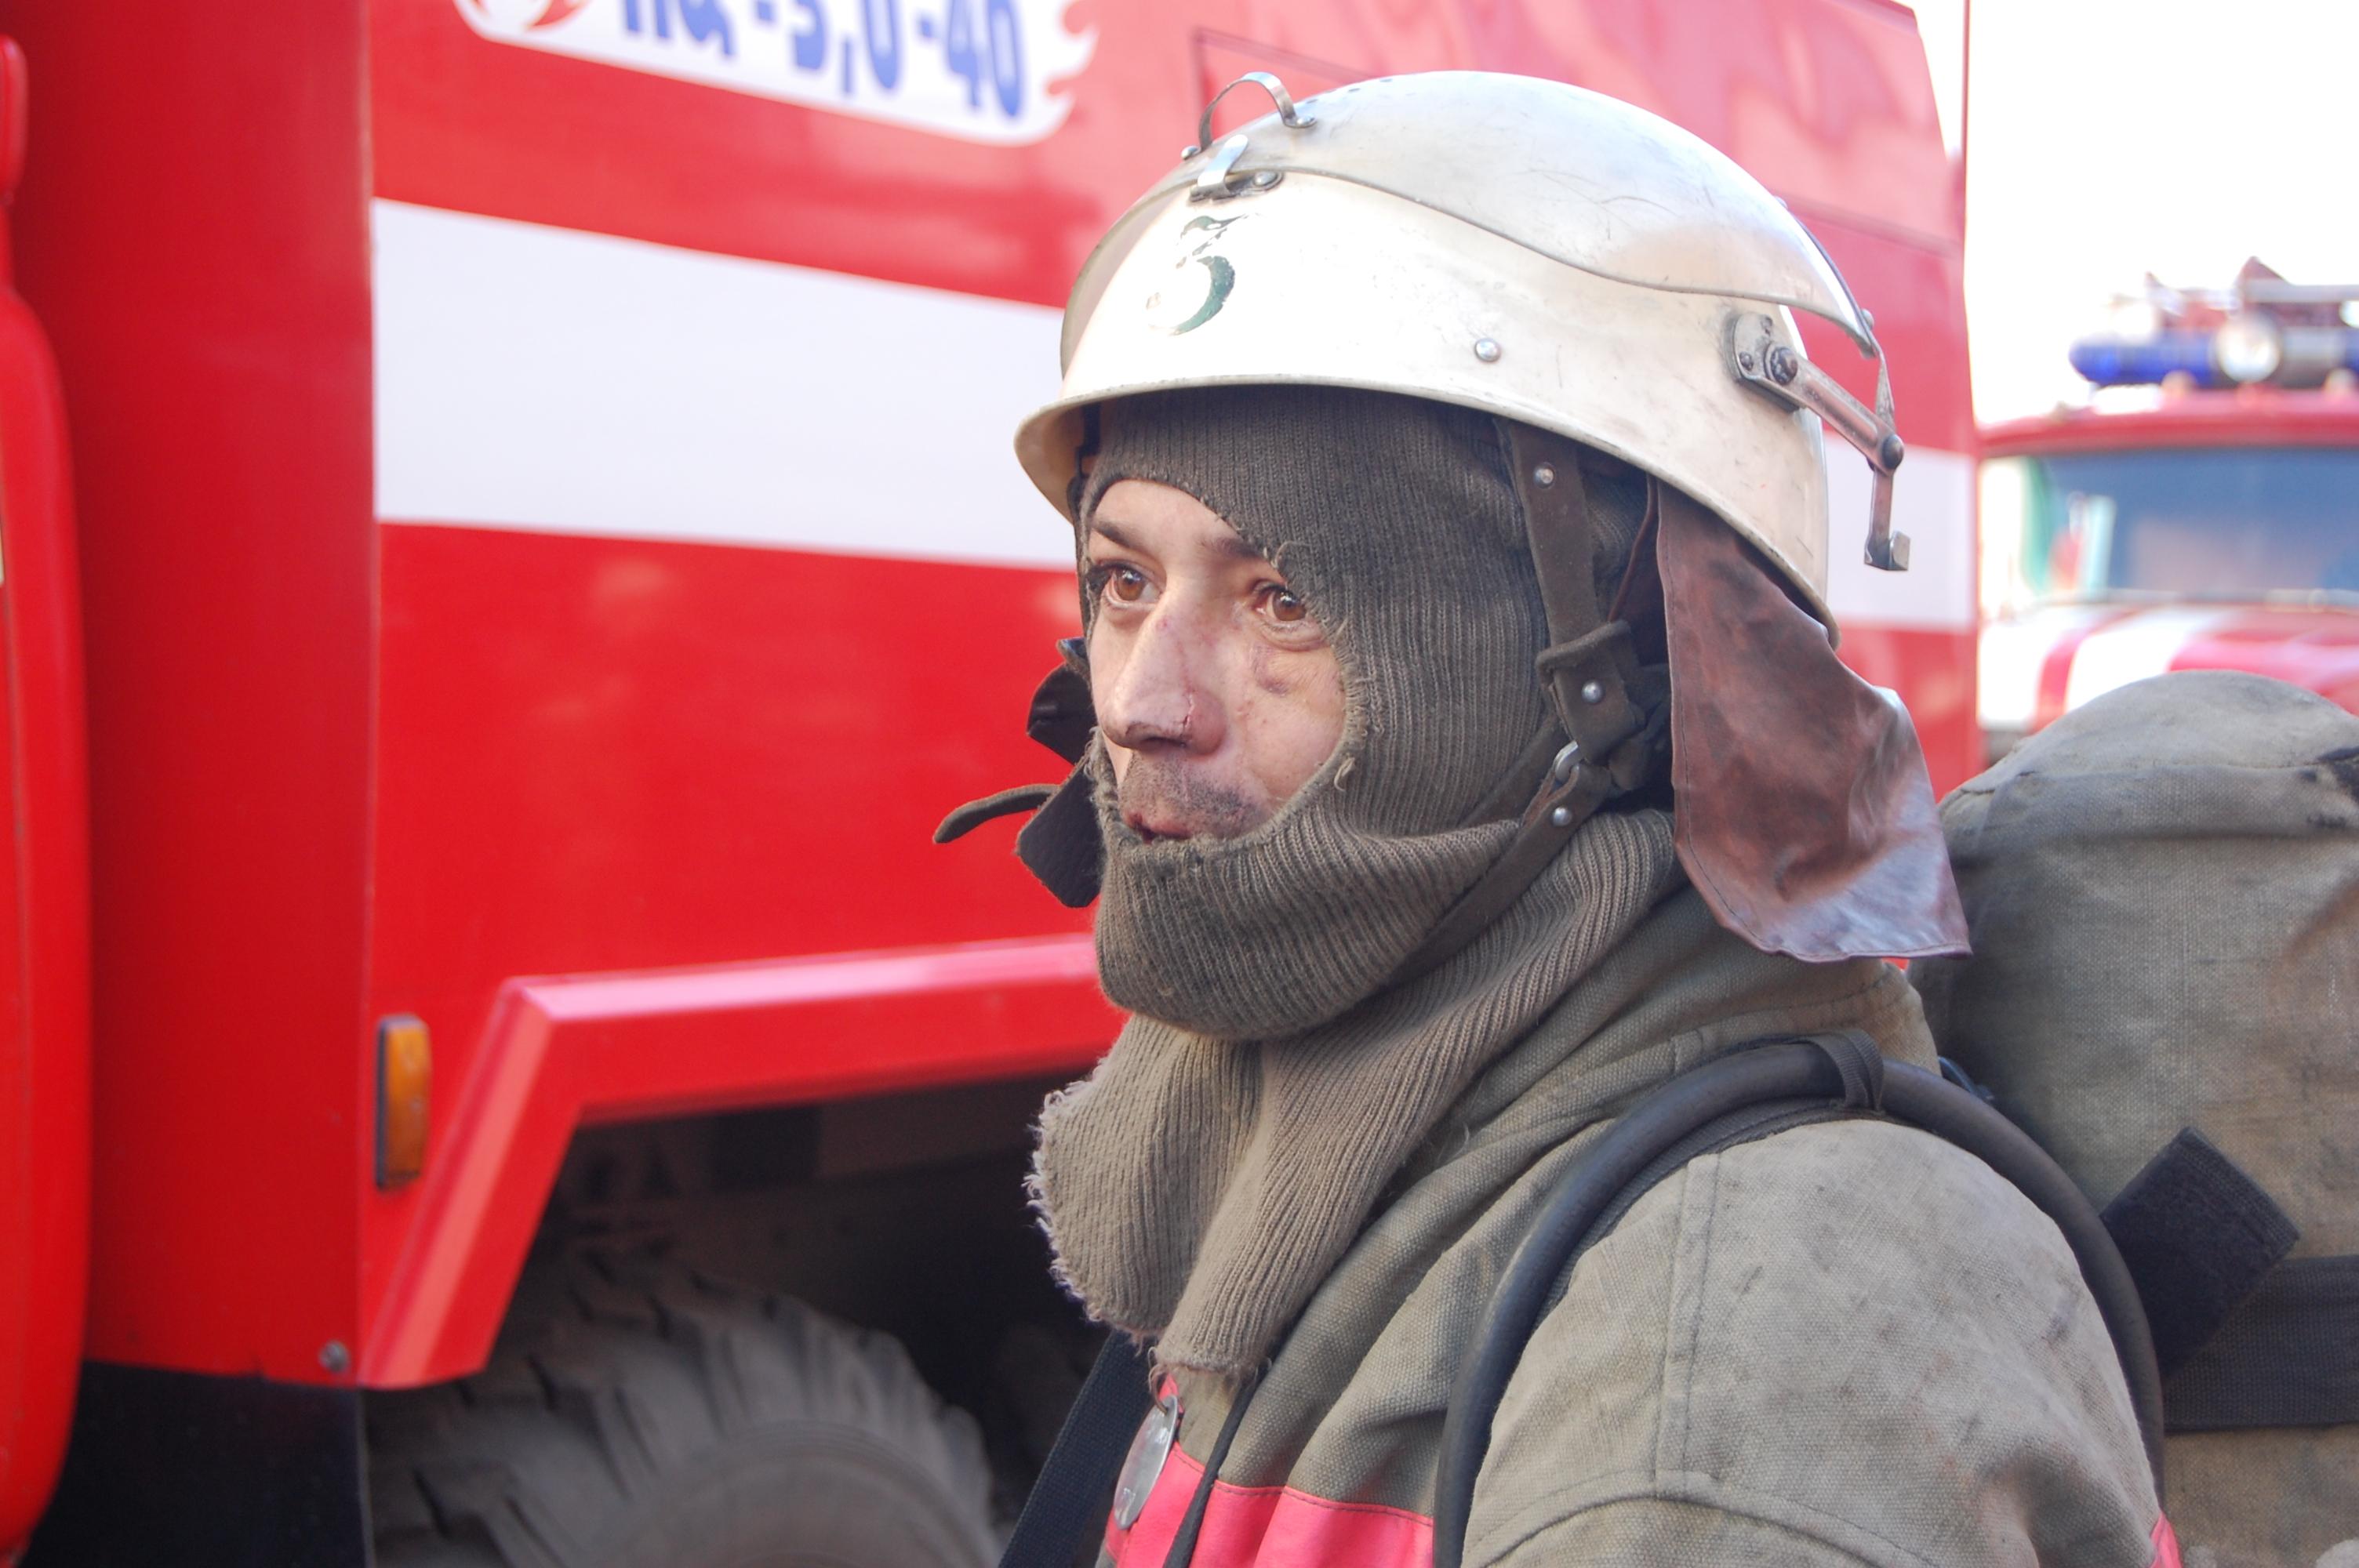 Поздравление пожарному 50 лет